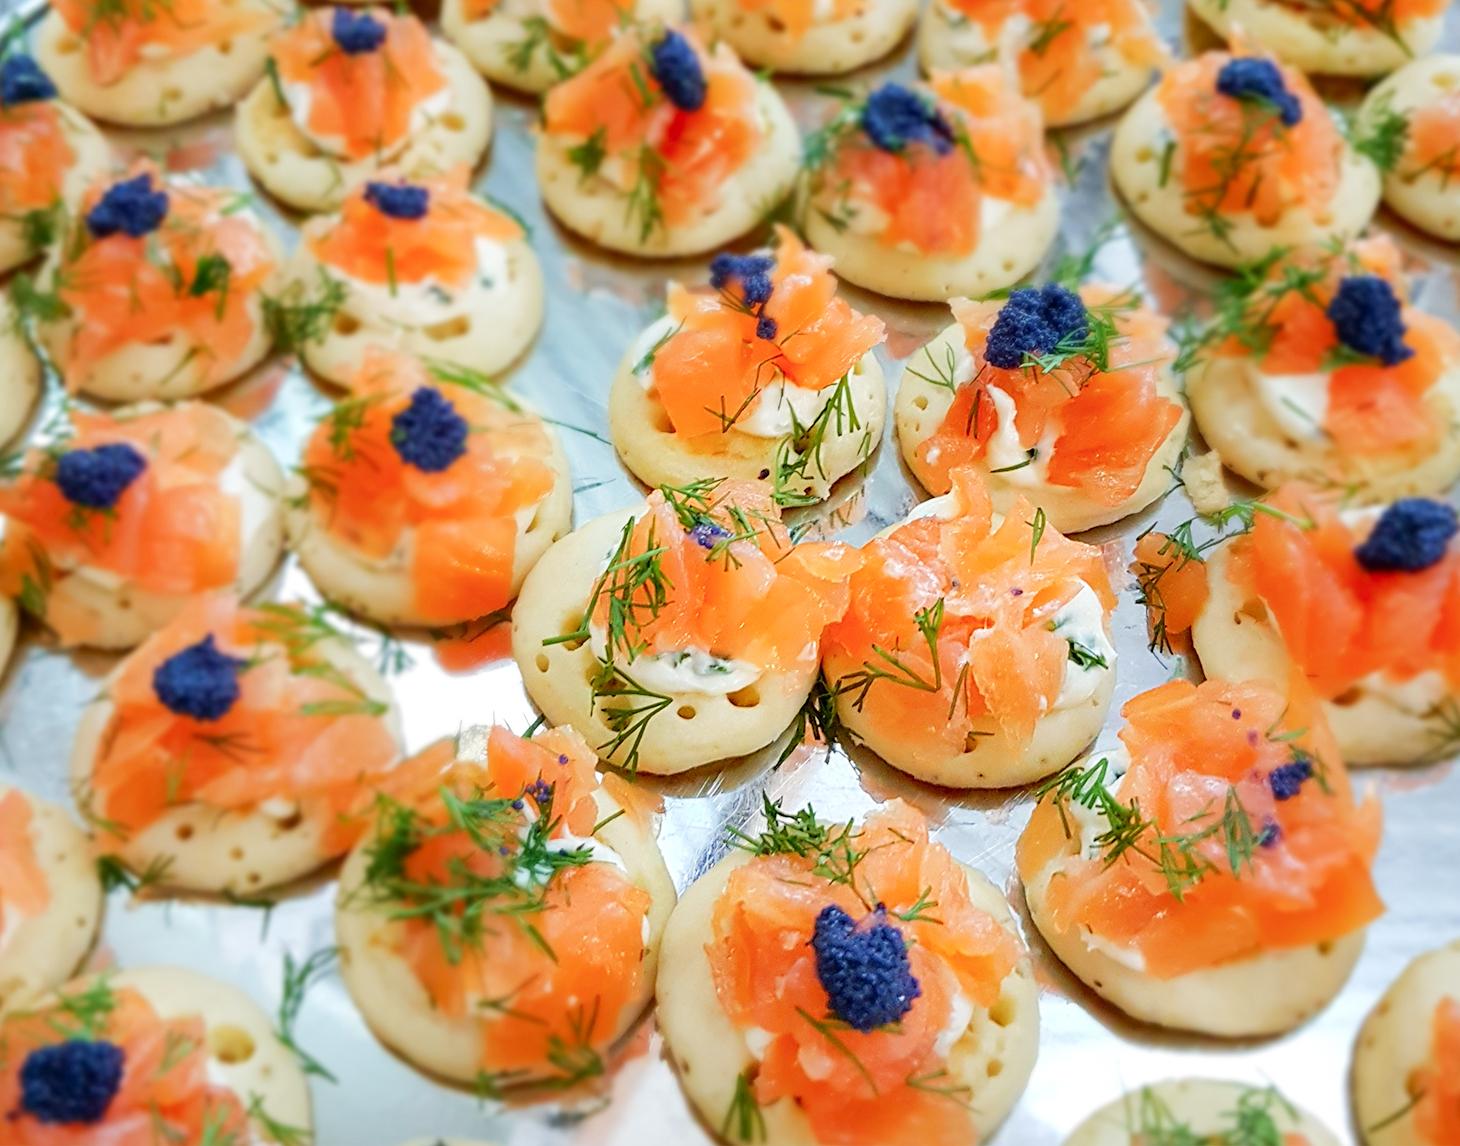 saumon fumé & crème de ciboulette sur blinis -